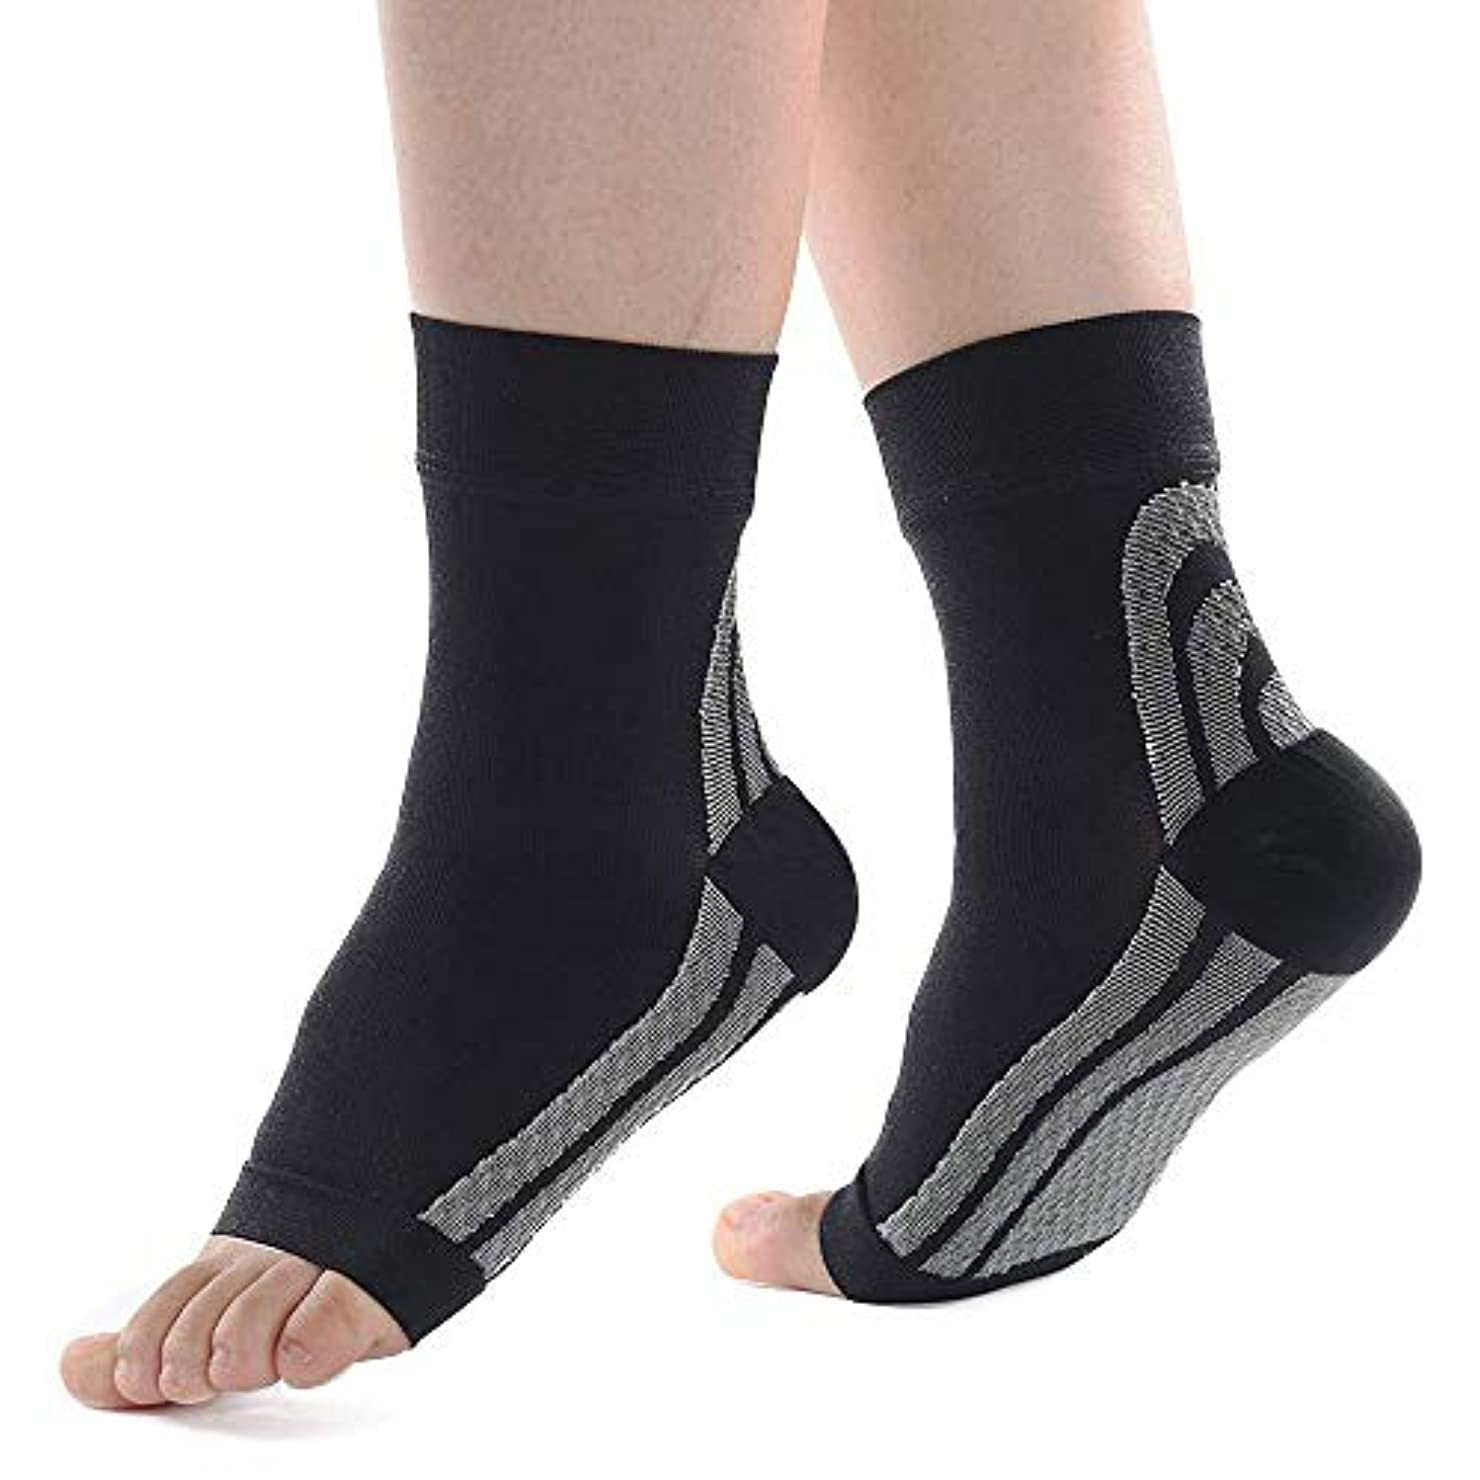 ラインナップリンス理容室扁平足 サポーター 足底筋膜炎 矯正 アーチサポーター 土踏まず 疲れを軽減 2枚入り